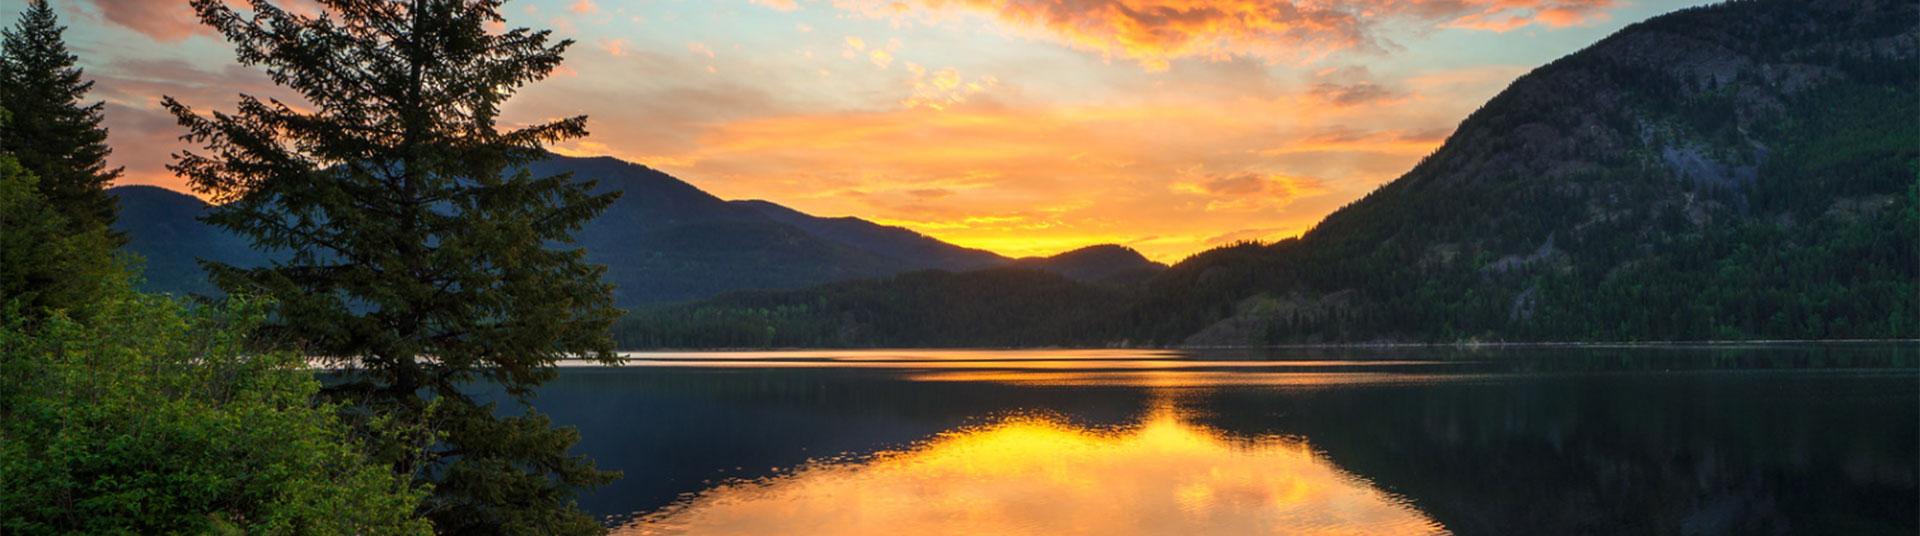 hero image-sunrise over lake